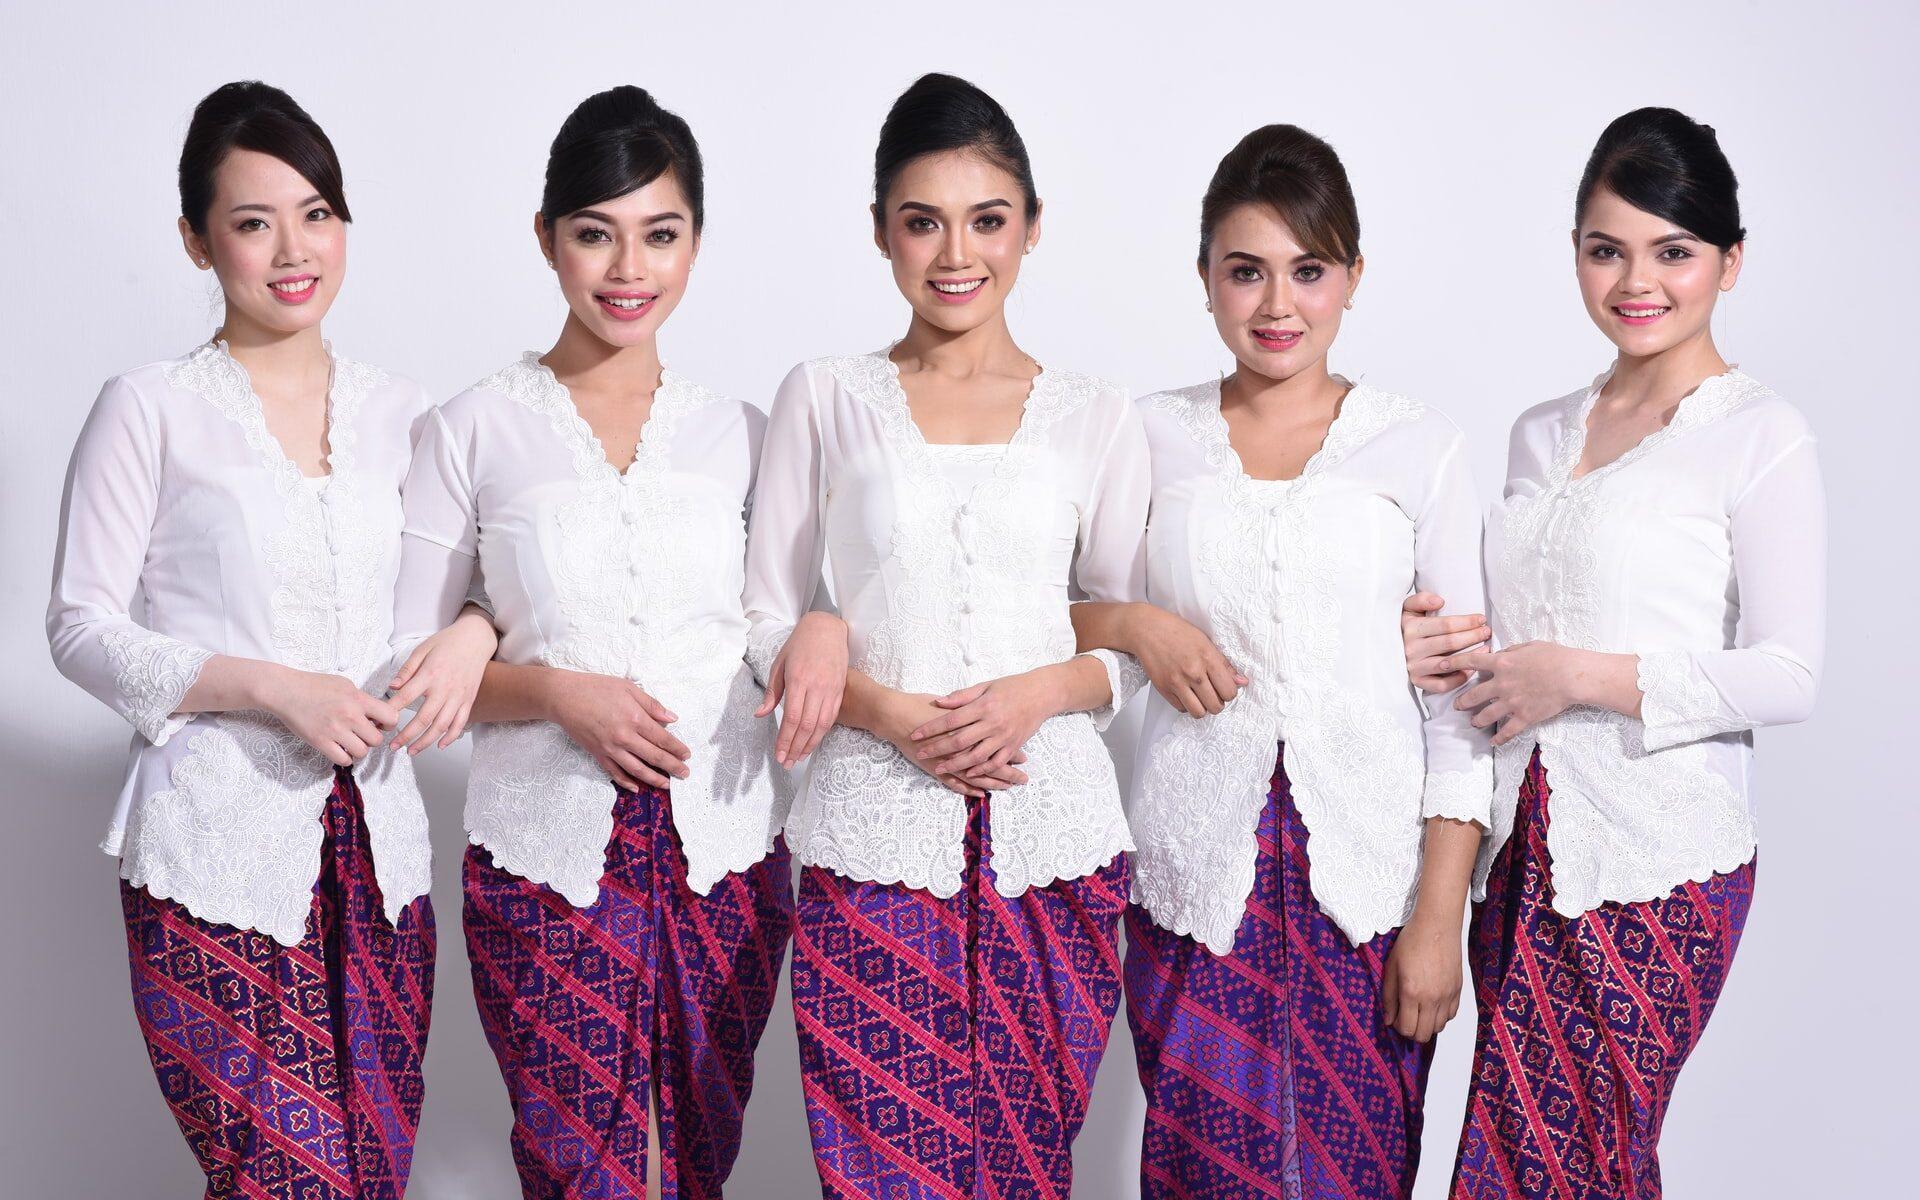 Viisi lentoemäntää seisoo rivissä katsoen hymyillen kameraan. Heillä on kaikilla samanlainen kampaus, meikatut kasvot, valkoiset paidat ja violetit kuviolliset hameet.